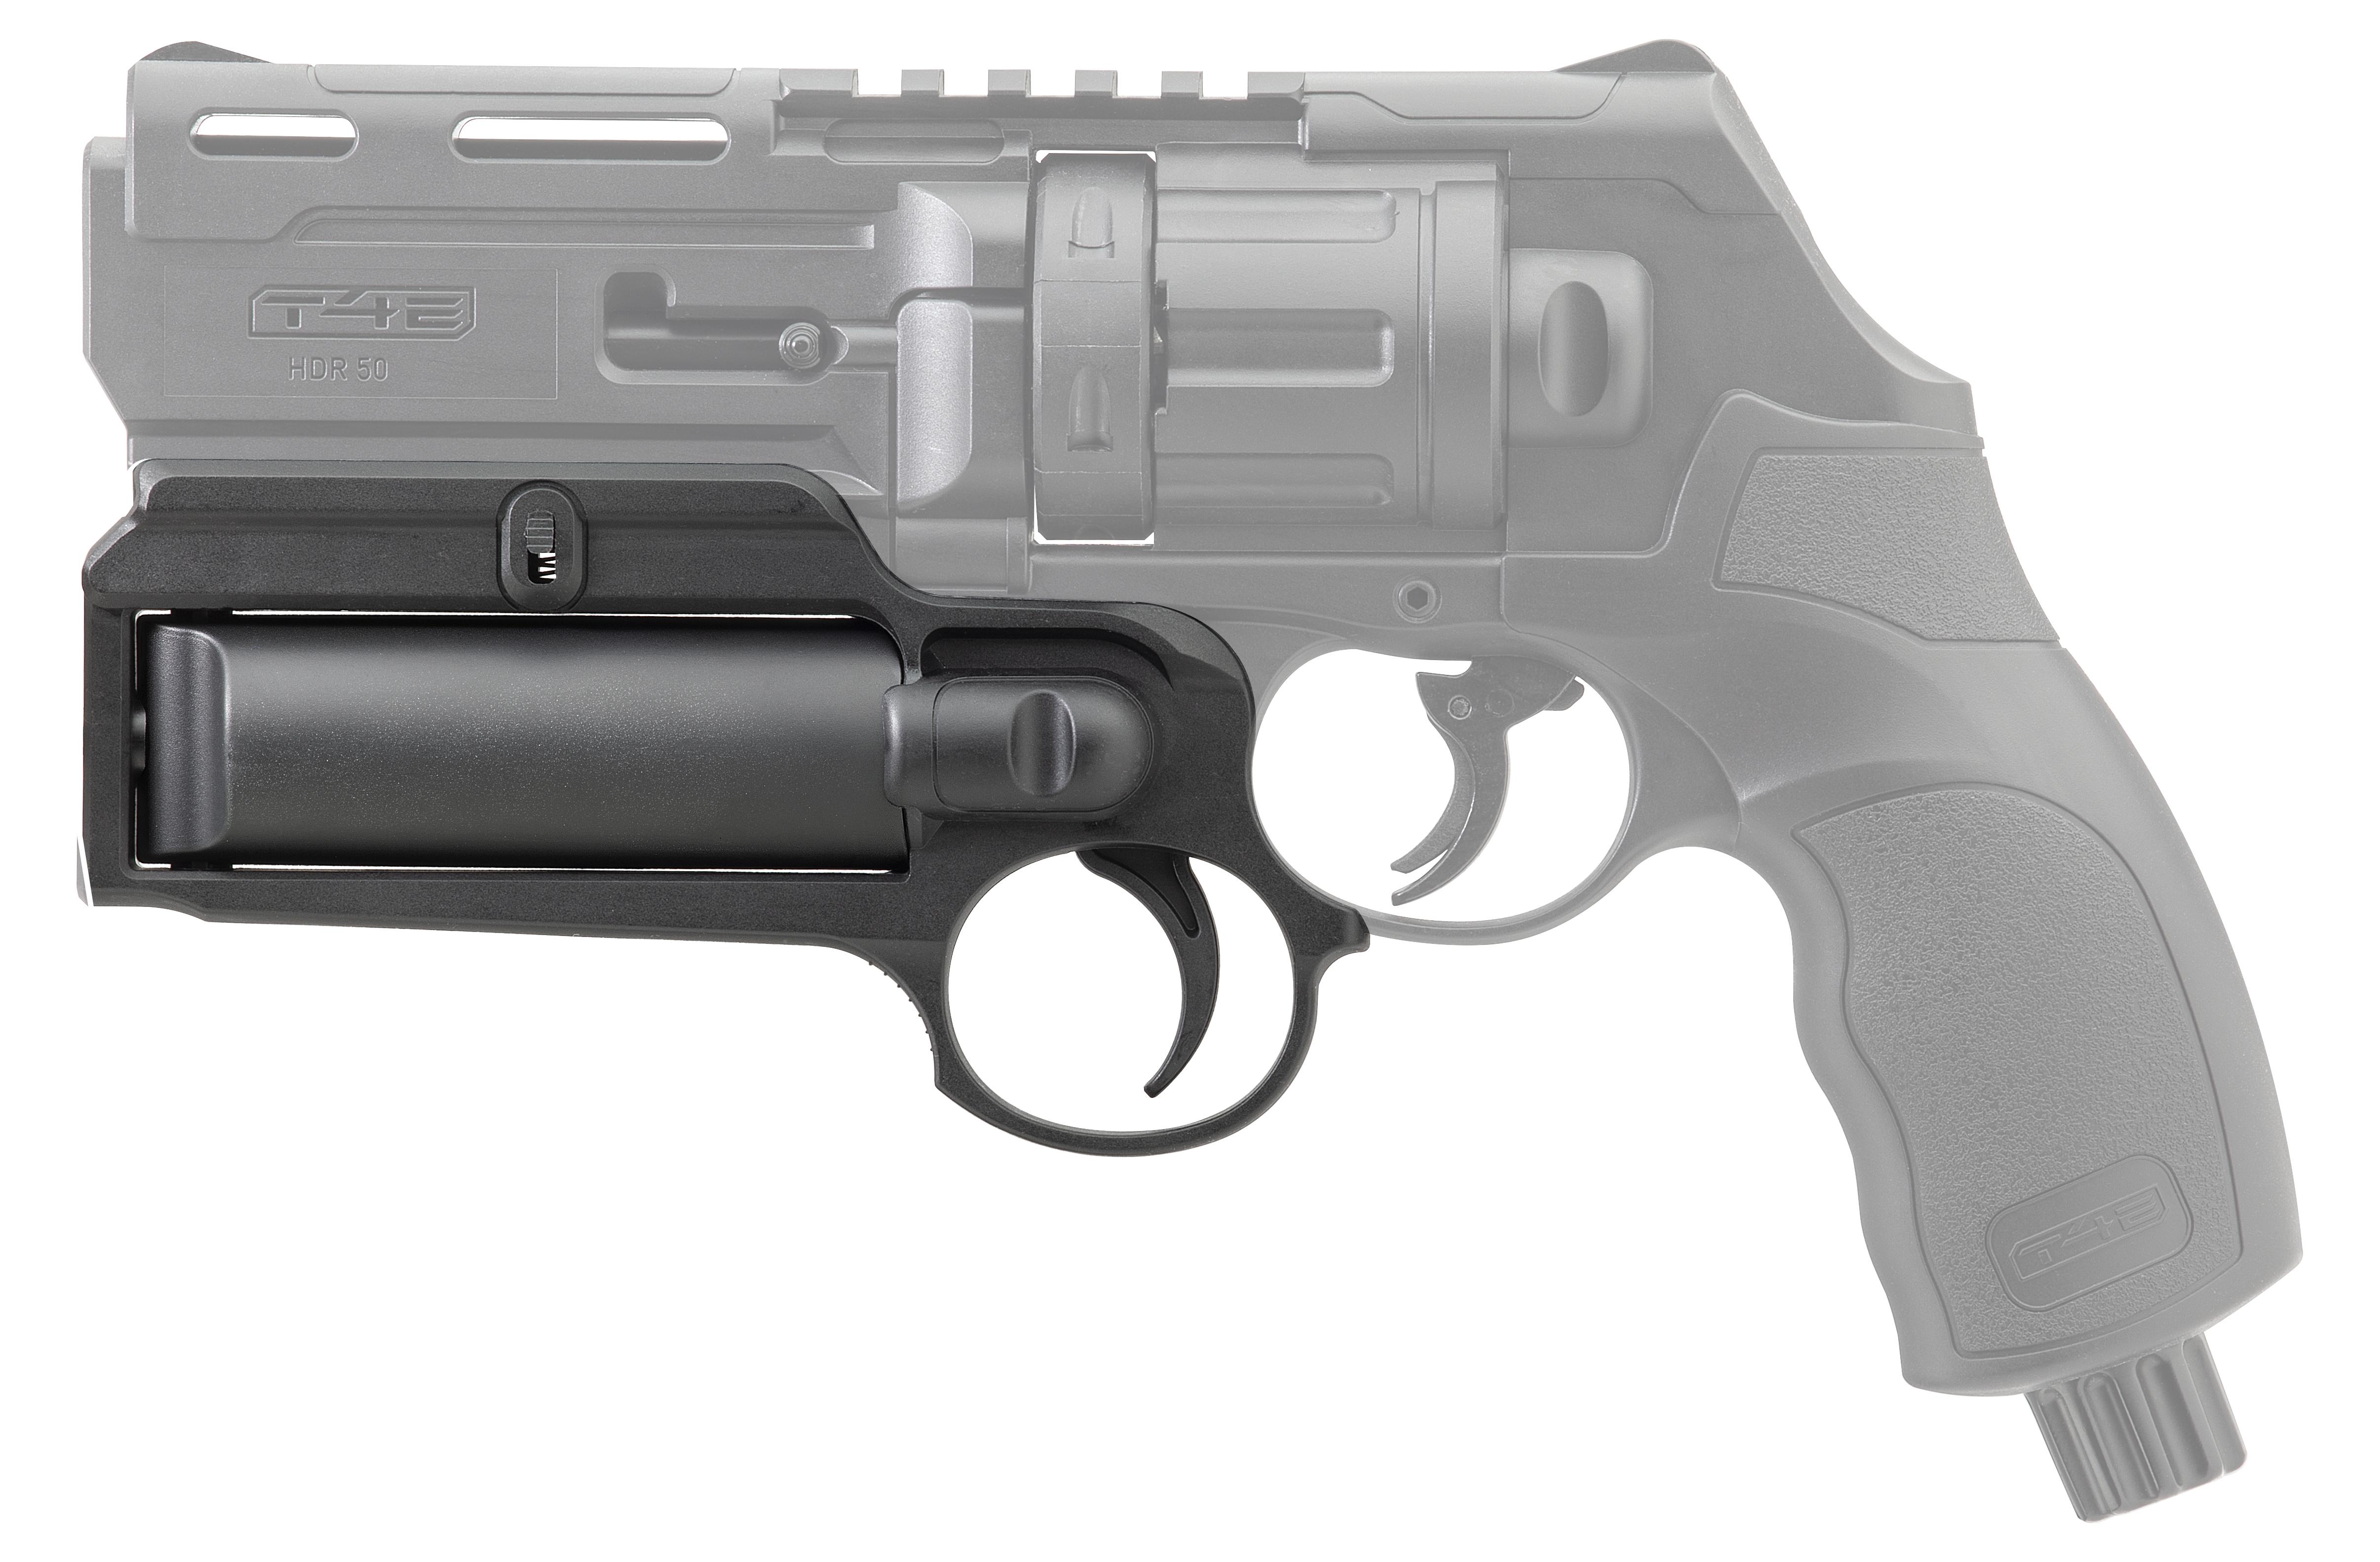 T4E (Umarex) HDR 50 Launcher